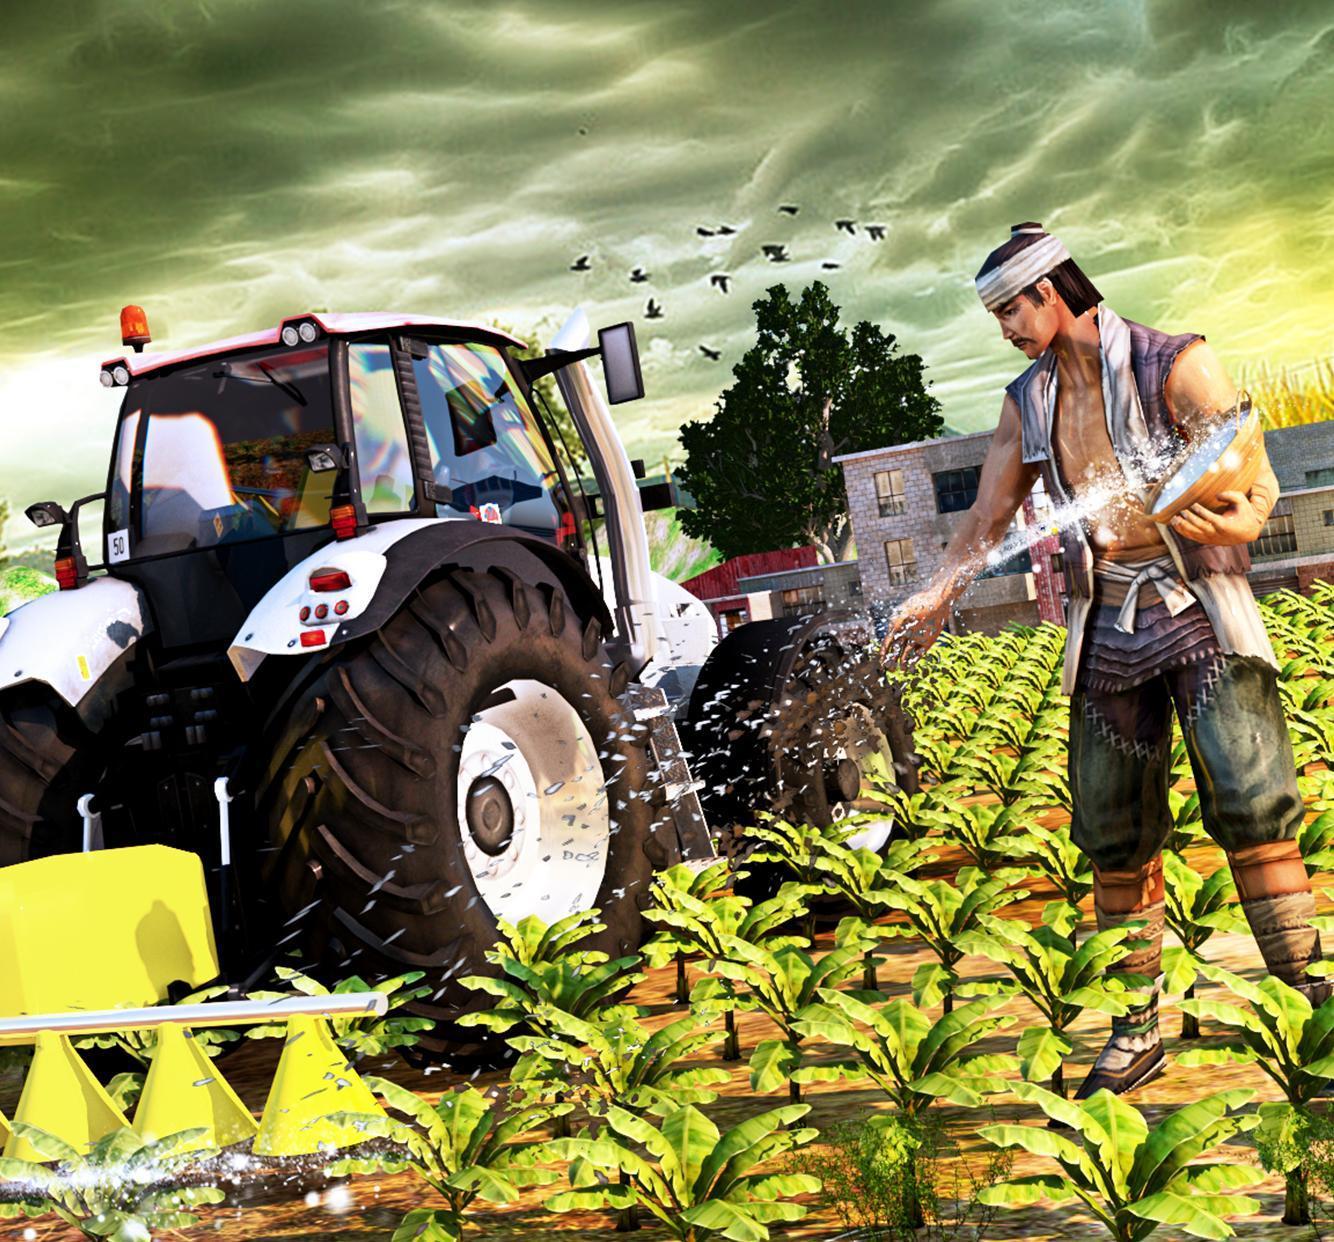 Tracteur Farming Simulator - Tracteur Jeu Pour Android concernant Jeux Gratuit Tracteur A La Ferme